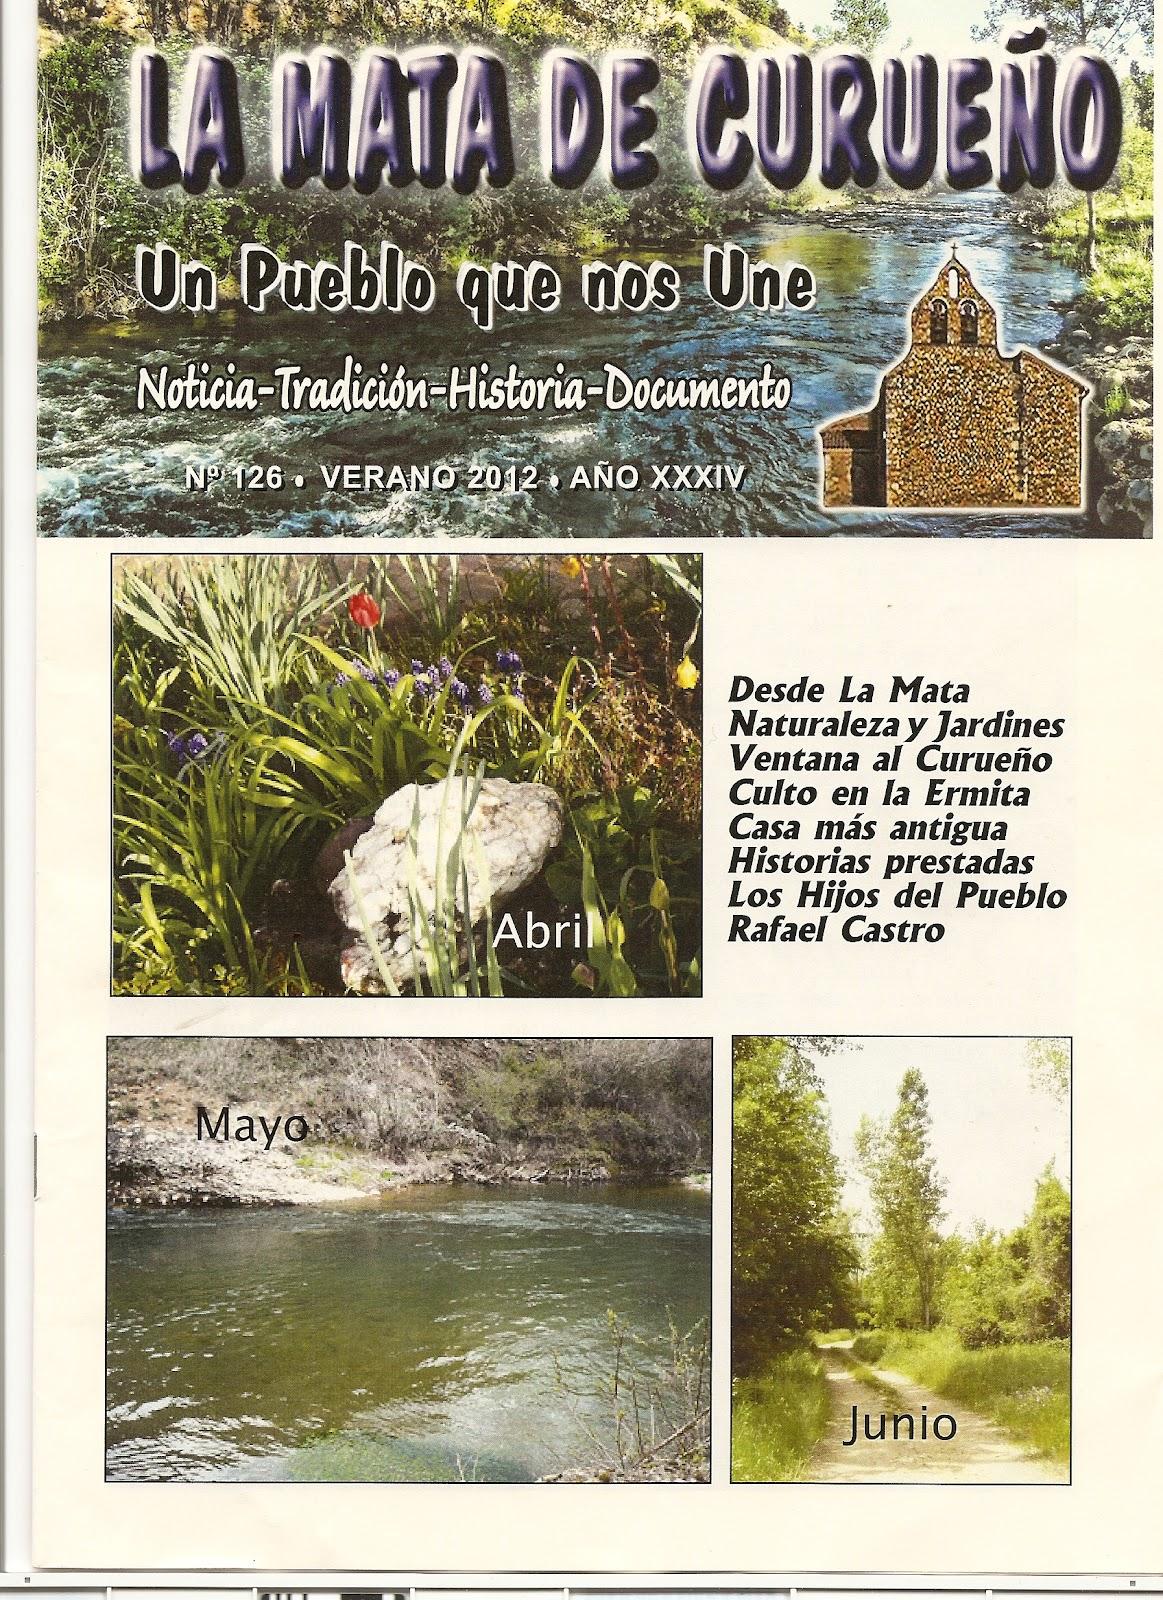 Boletin 126 - Portada - Primavera 2012 por La Mata de Curueño (León)